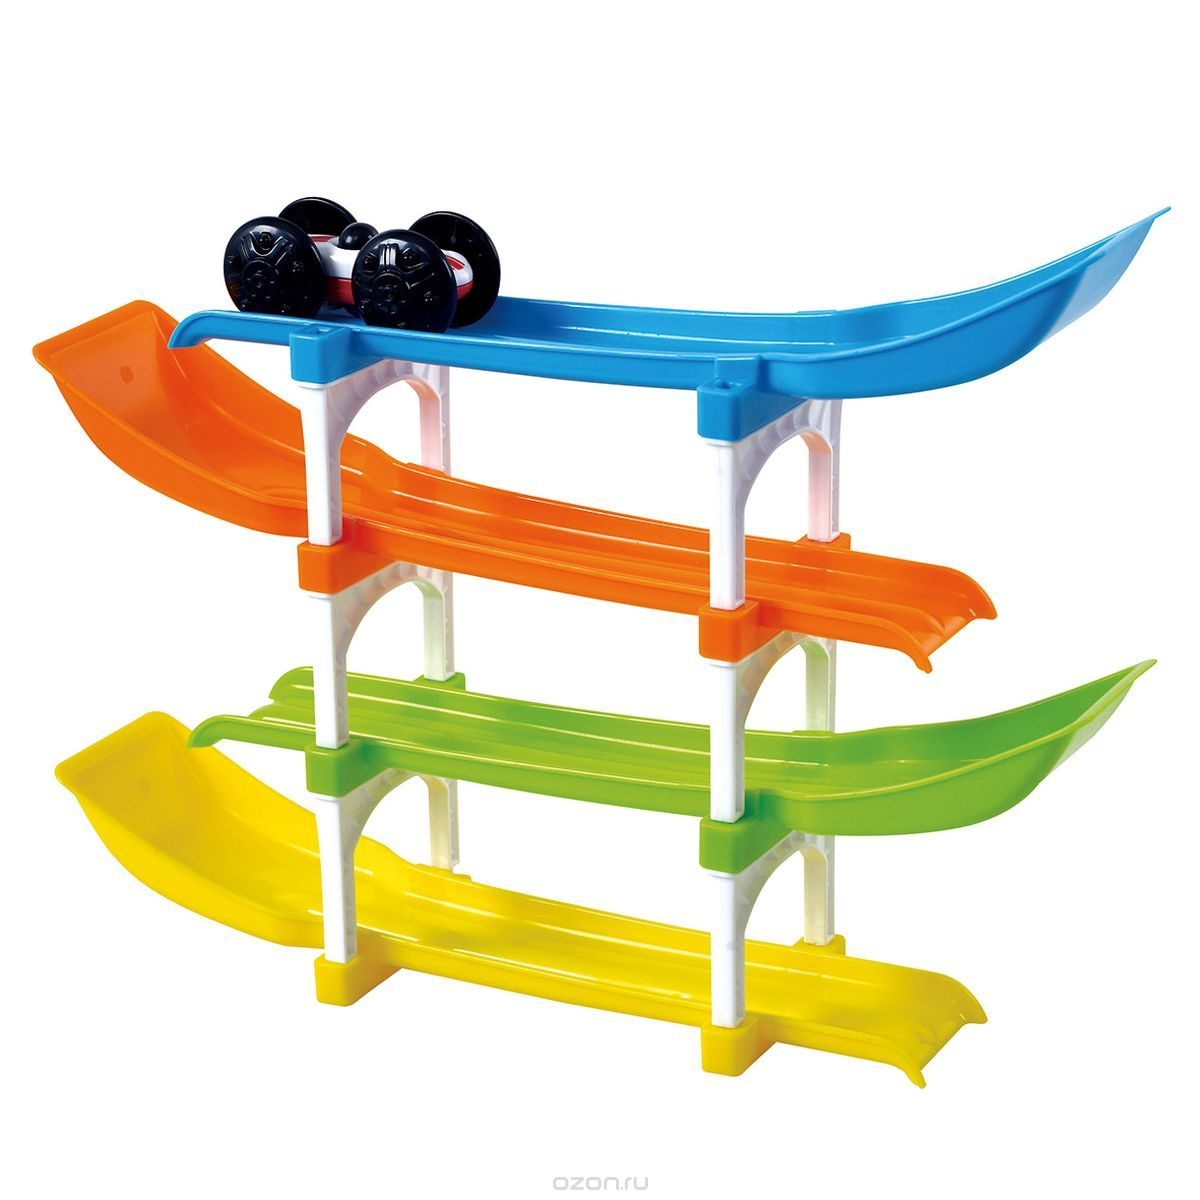 Развивающая игрушка - Трек с машинкамиРазвивающие игрушки PlayGo<br>Развивающая игрушка - Трек с машинками<br>